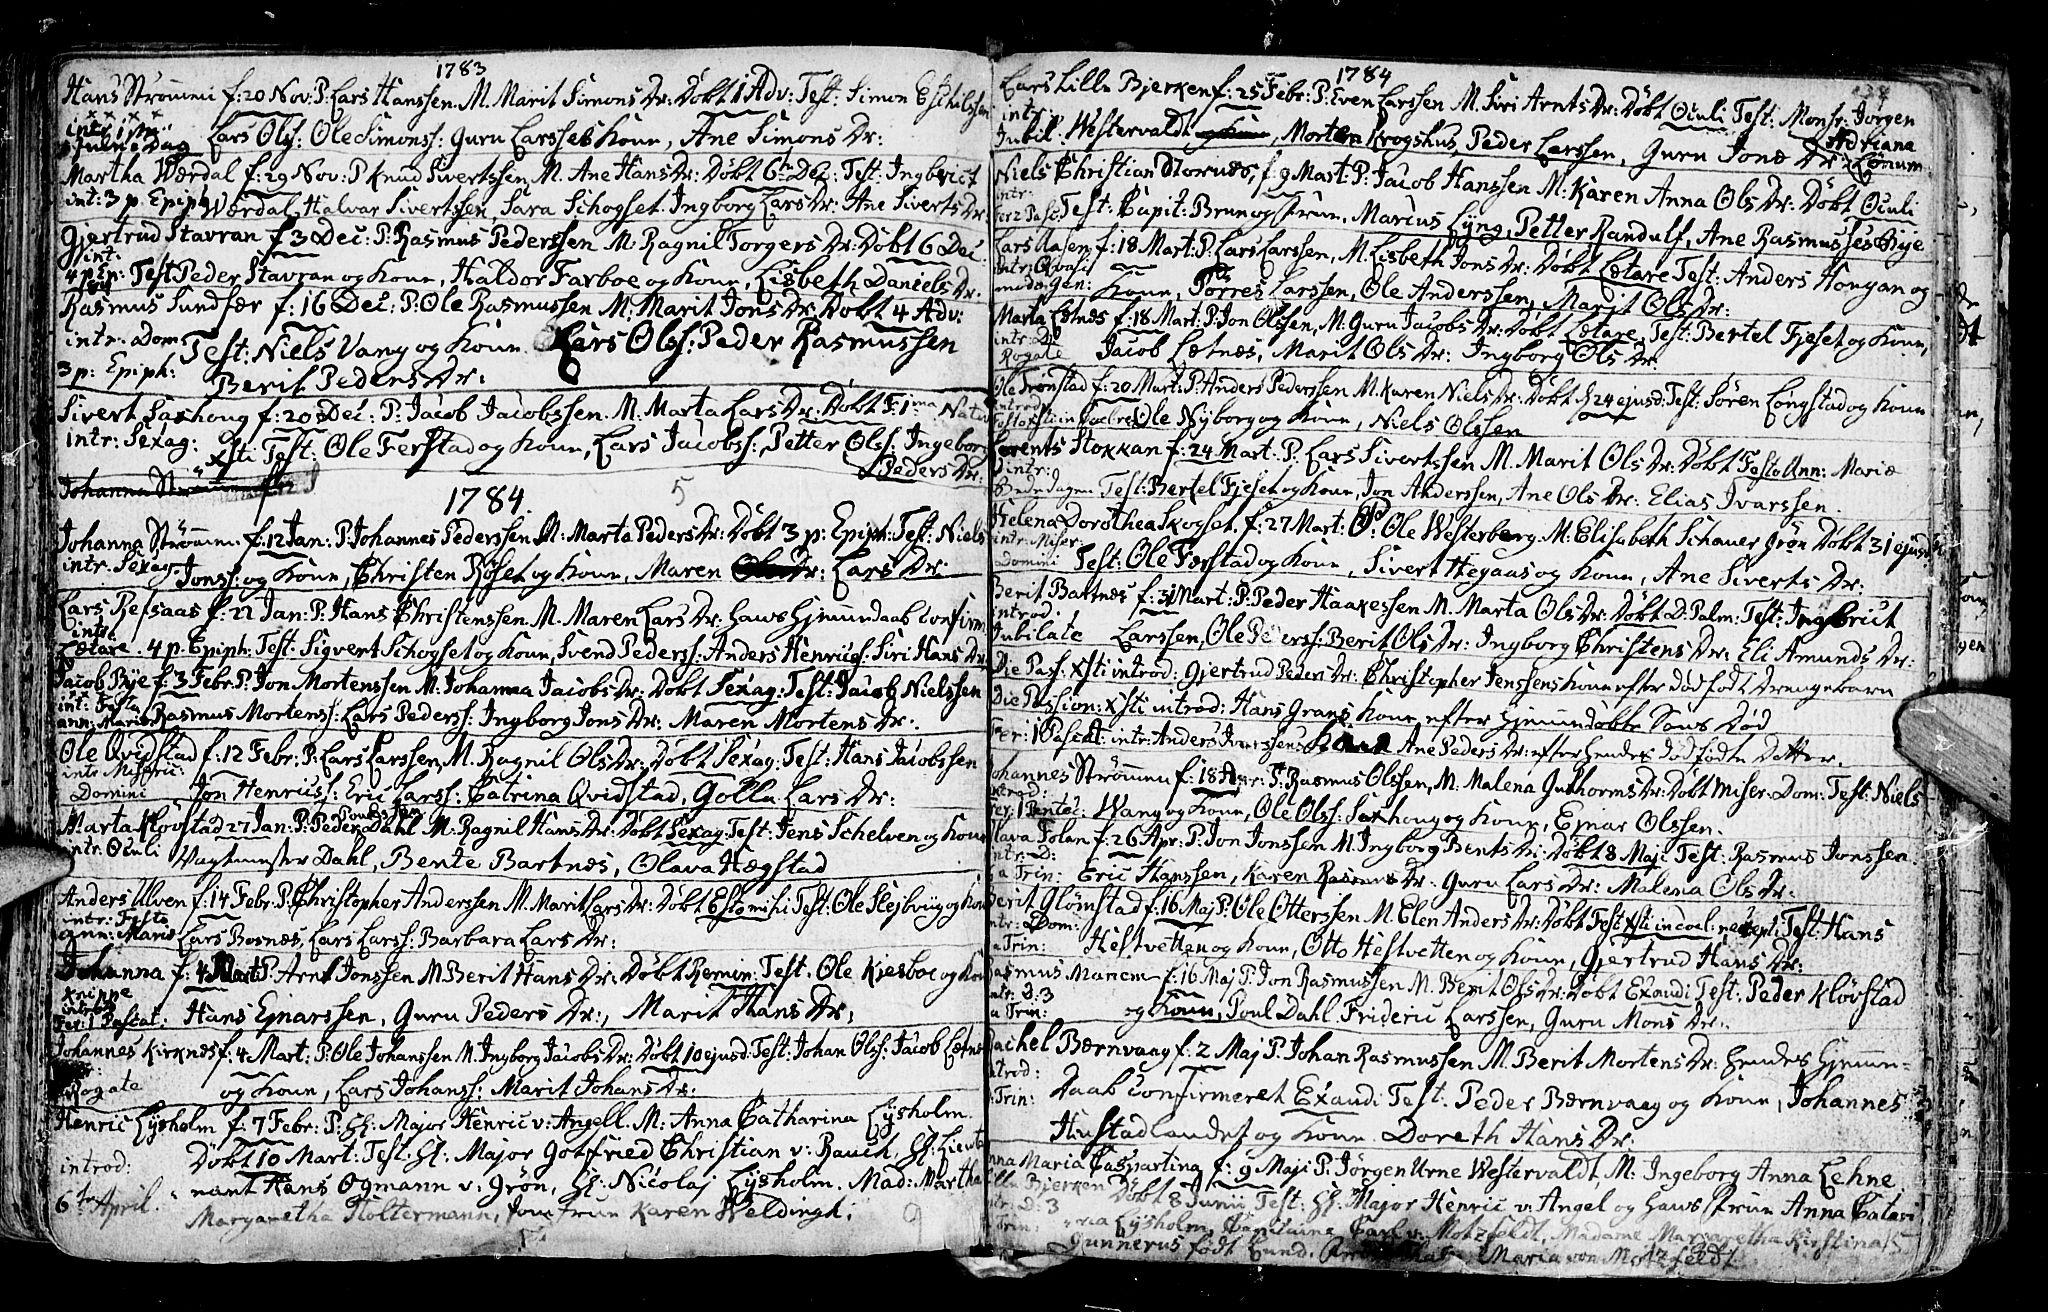 SAT, Ministerialprotokoller, klokkerbøker og fødselsregistre - Nord-Trøndelag, 730/L0273: Ministerialbok nr. 730A02, 1762-1802, s. 138